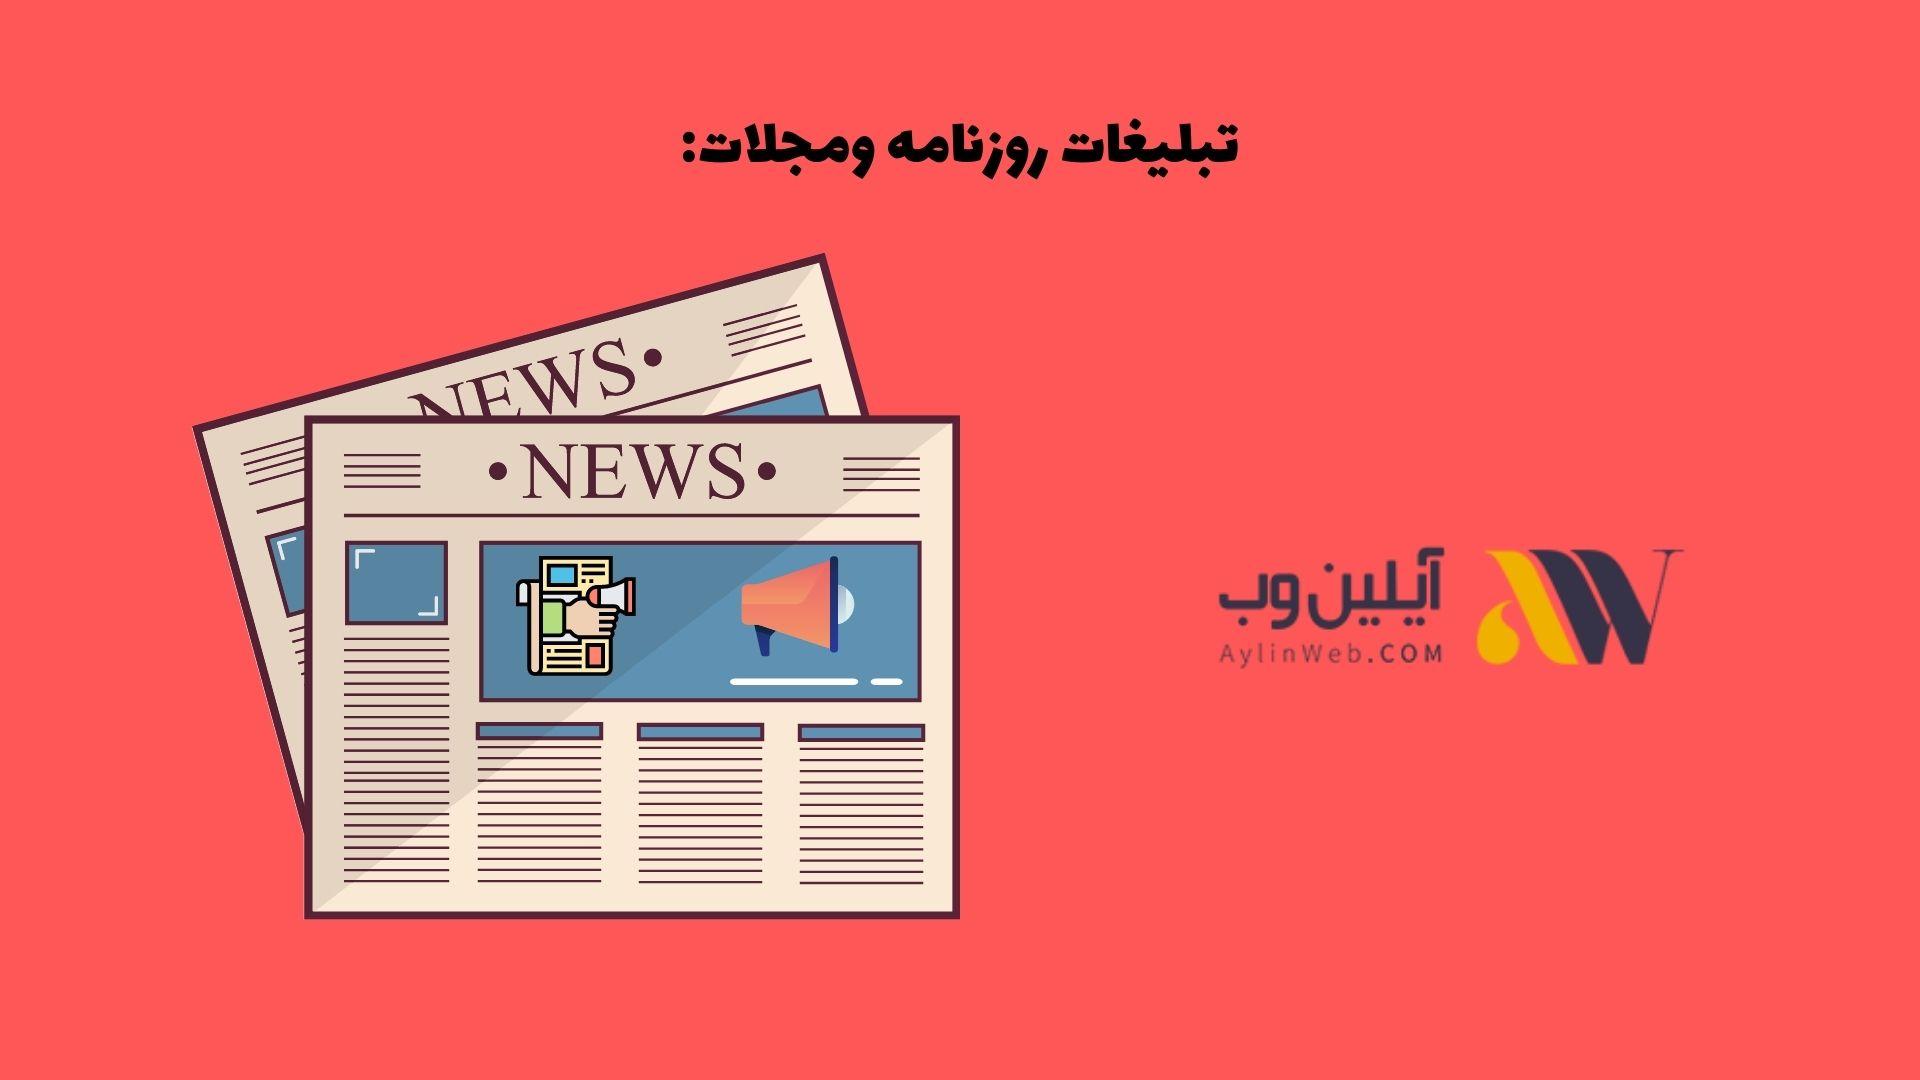 تبلیغات روزنامه و مجلات: